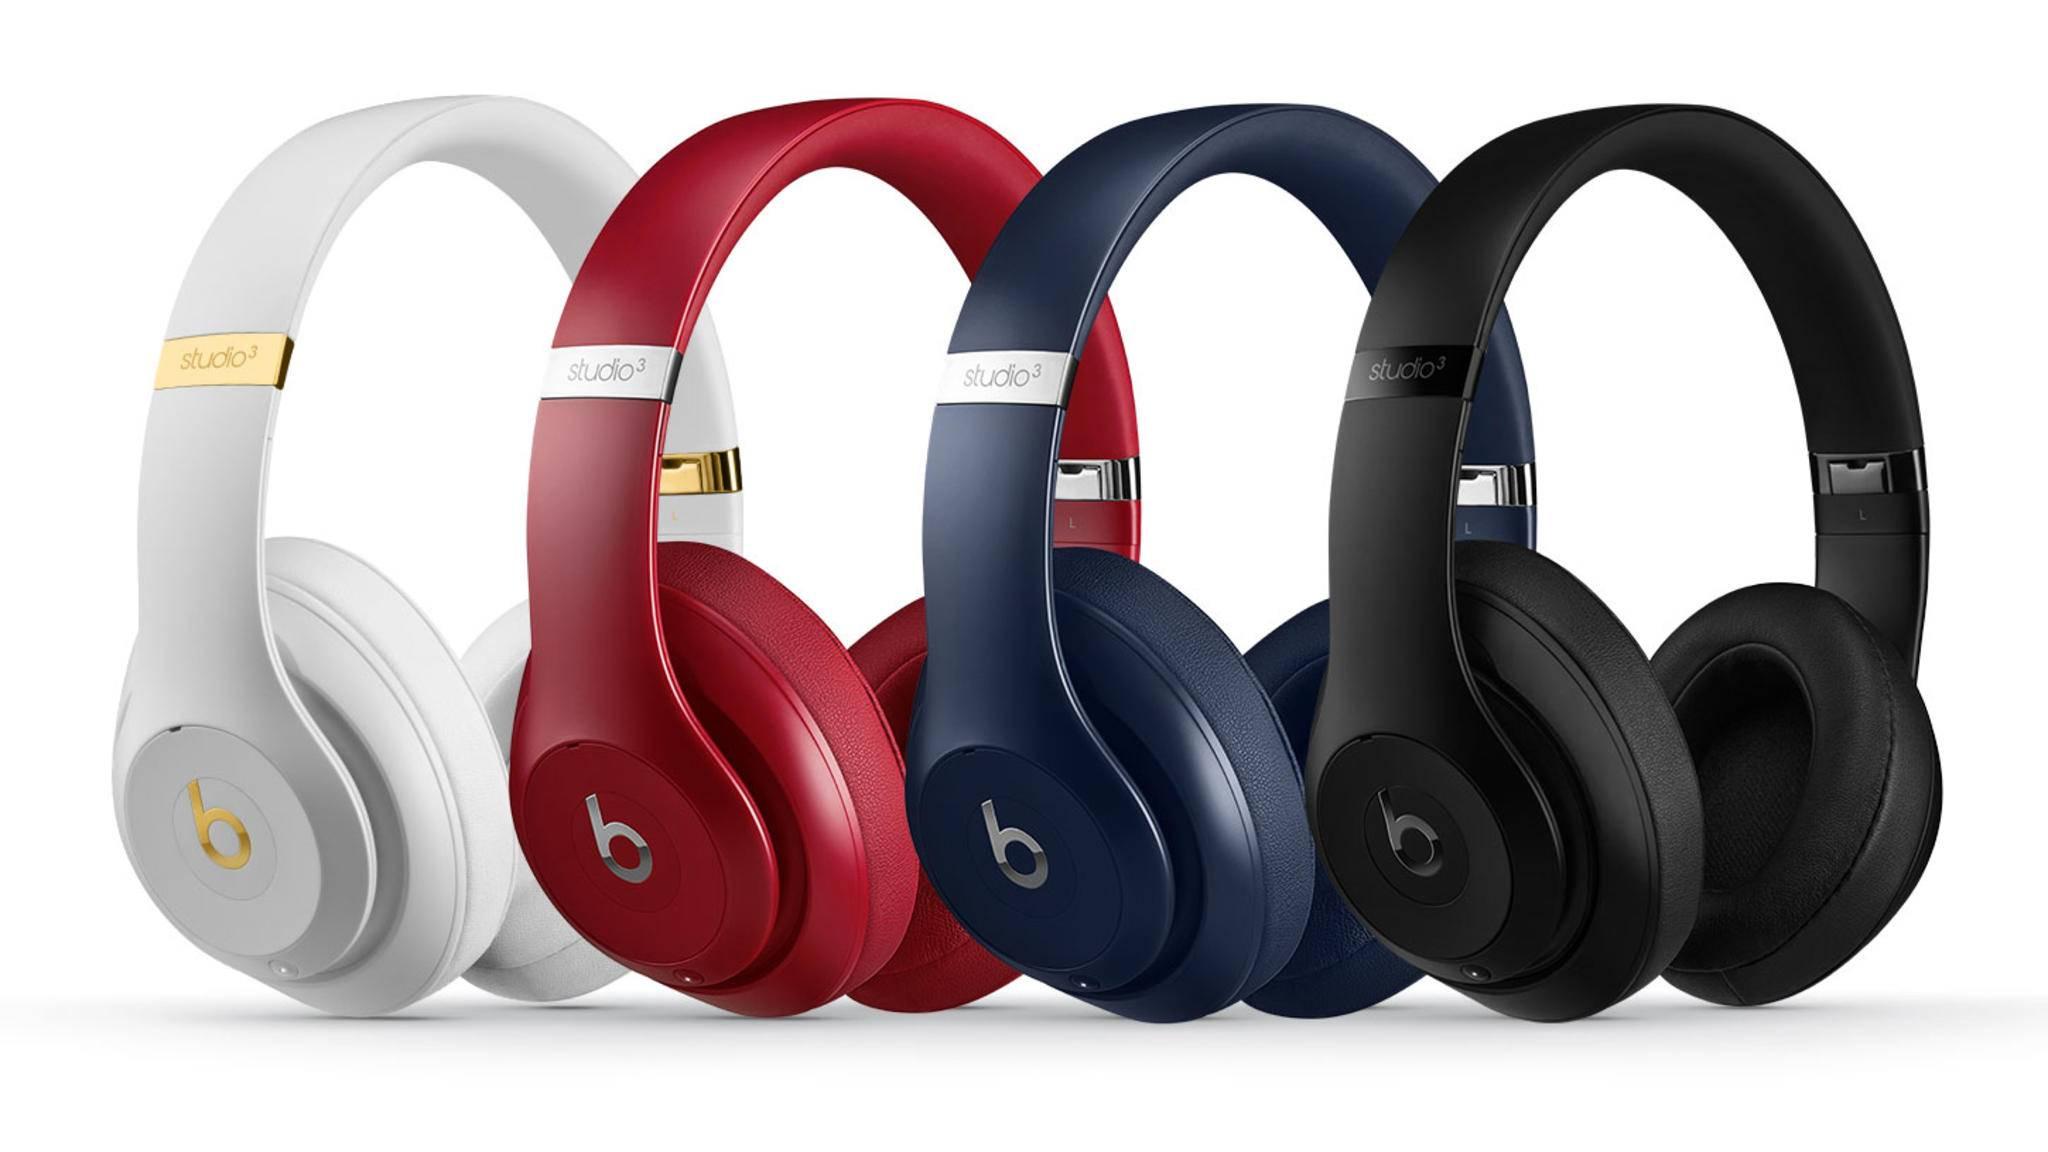 Over-Ear-Kopfhörer gibt es bislang nicht von Apple direkt, sondern nur von der Firmentochter Beats (hier die Beats Studio 3).